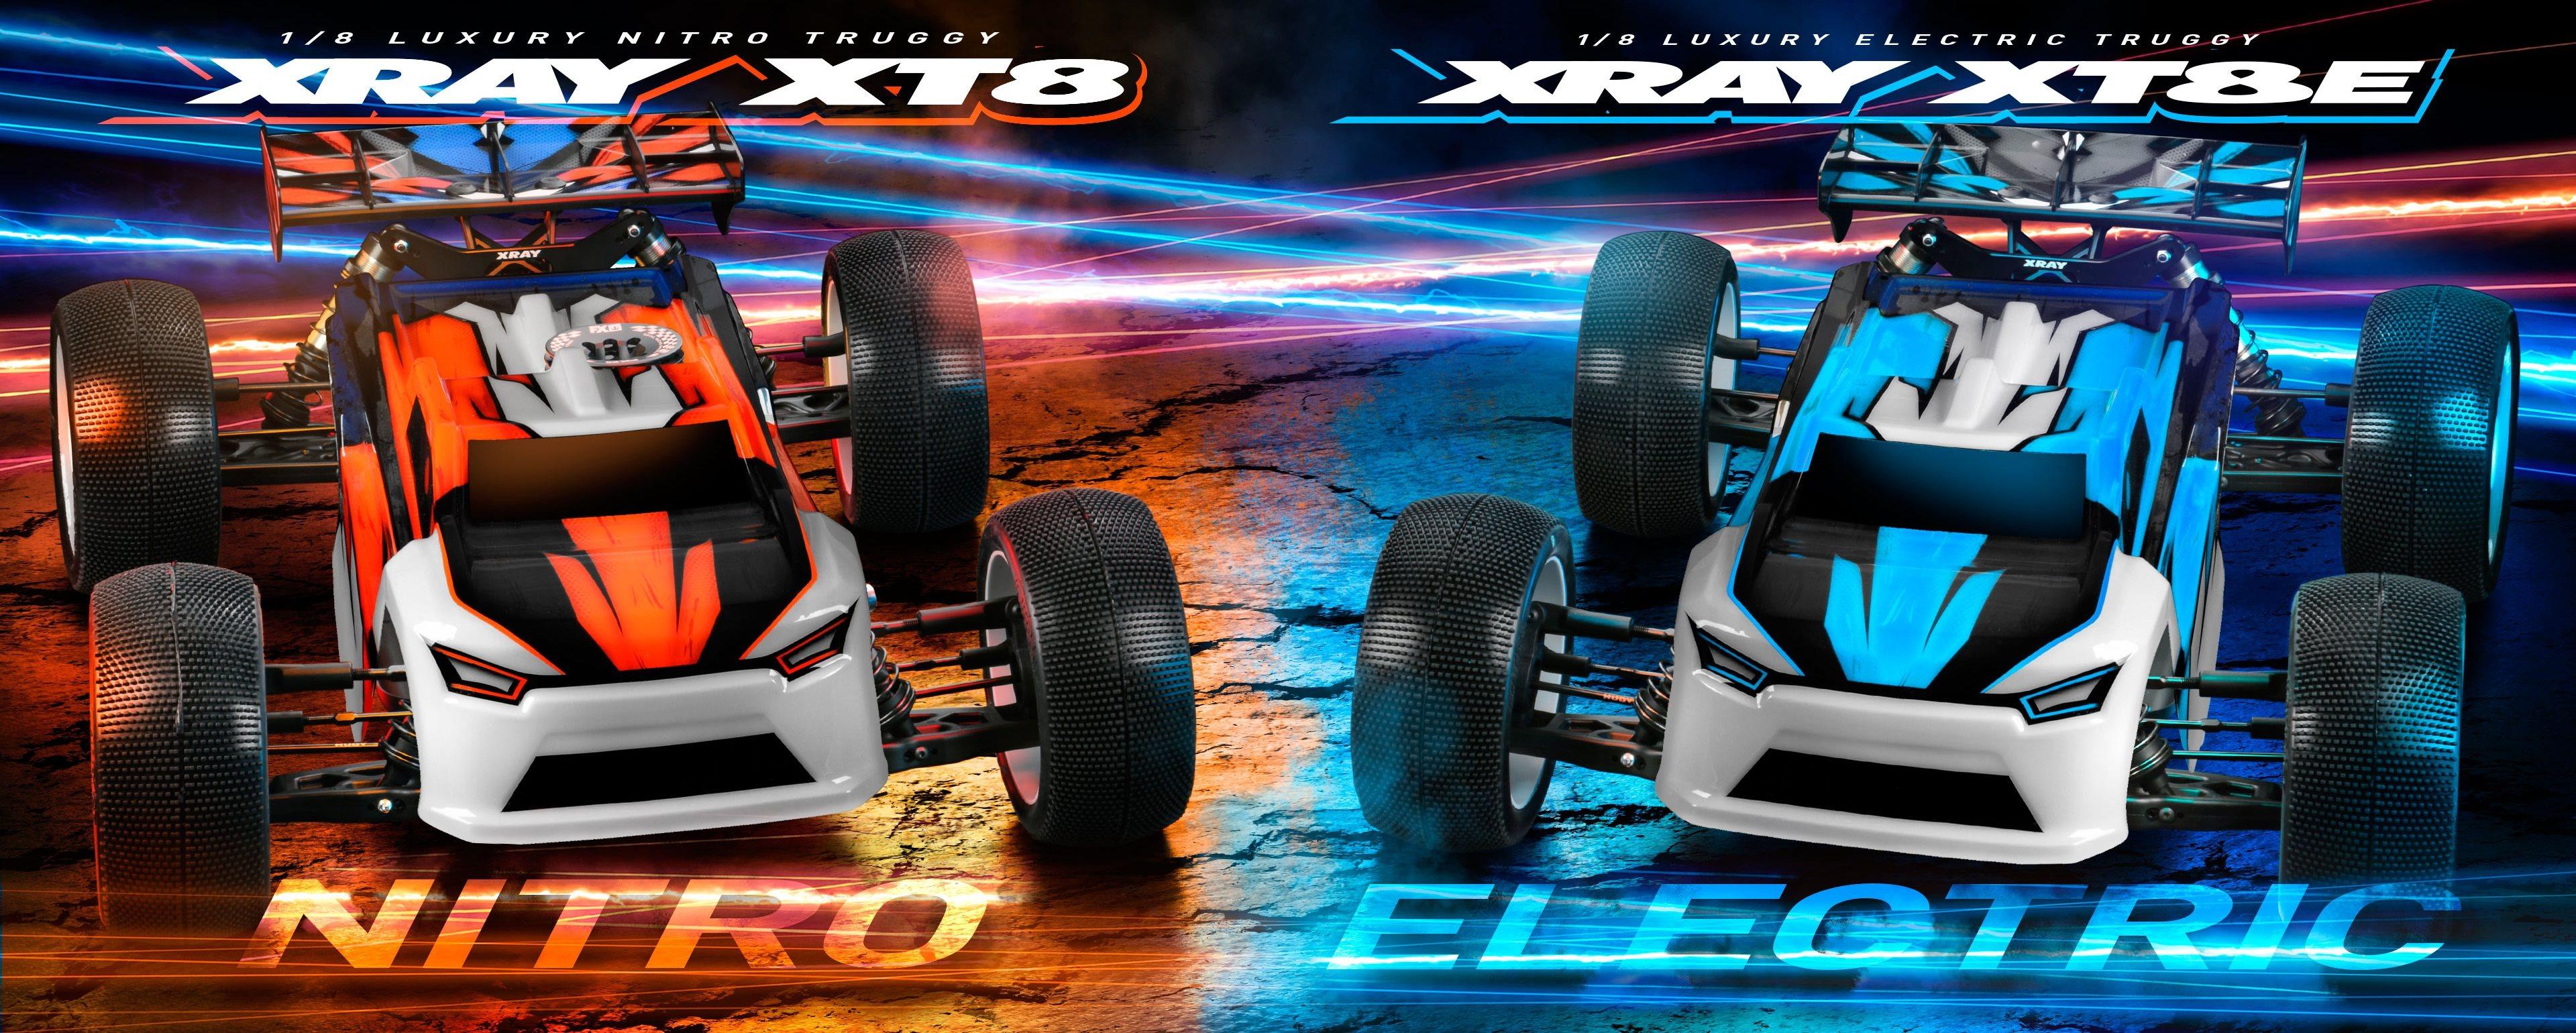 XT822Banner1